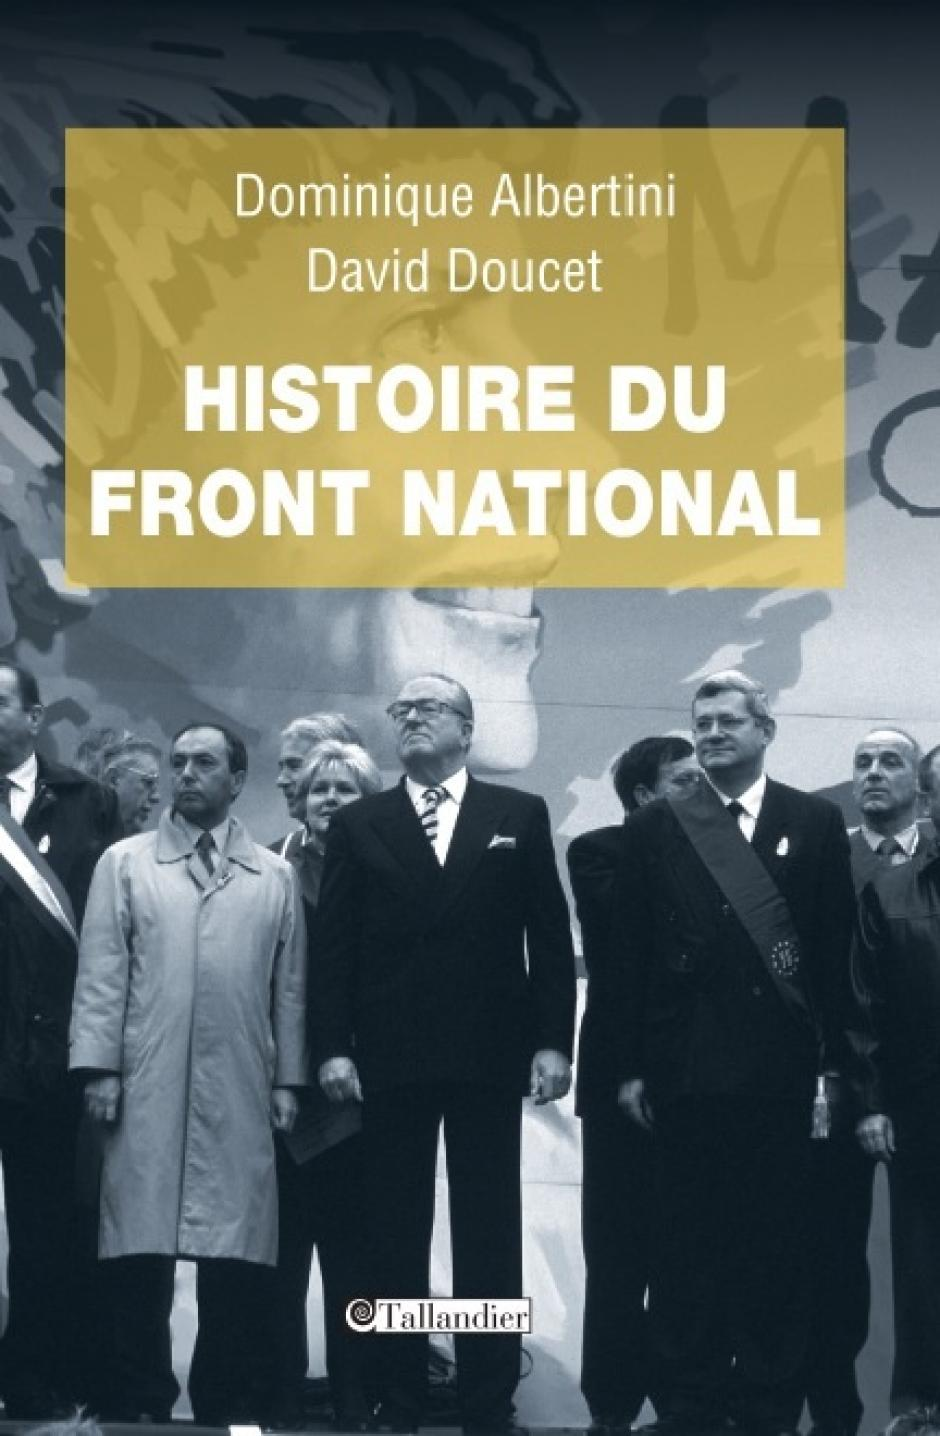 Histoire du Front national, Dominique Albertini et David Doucet